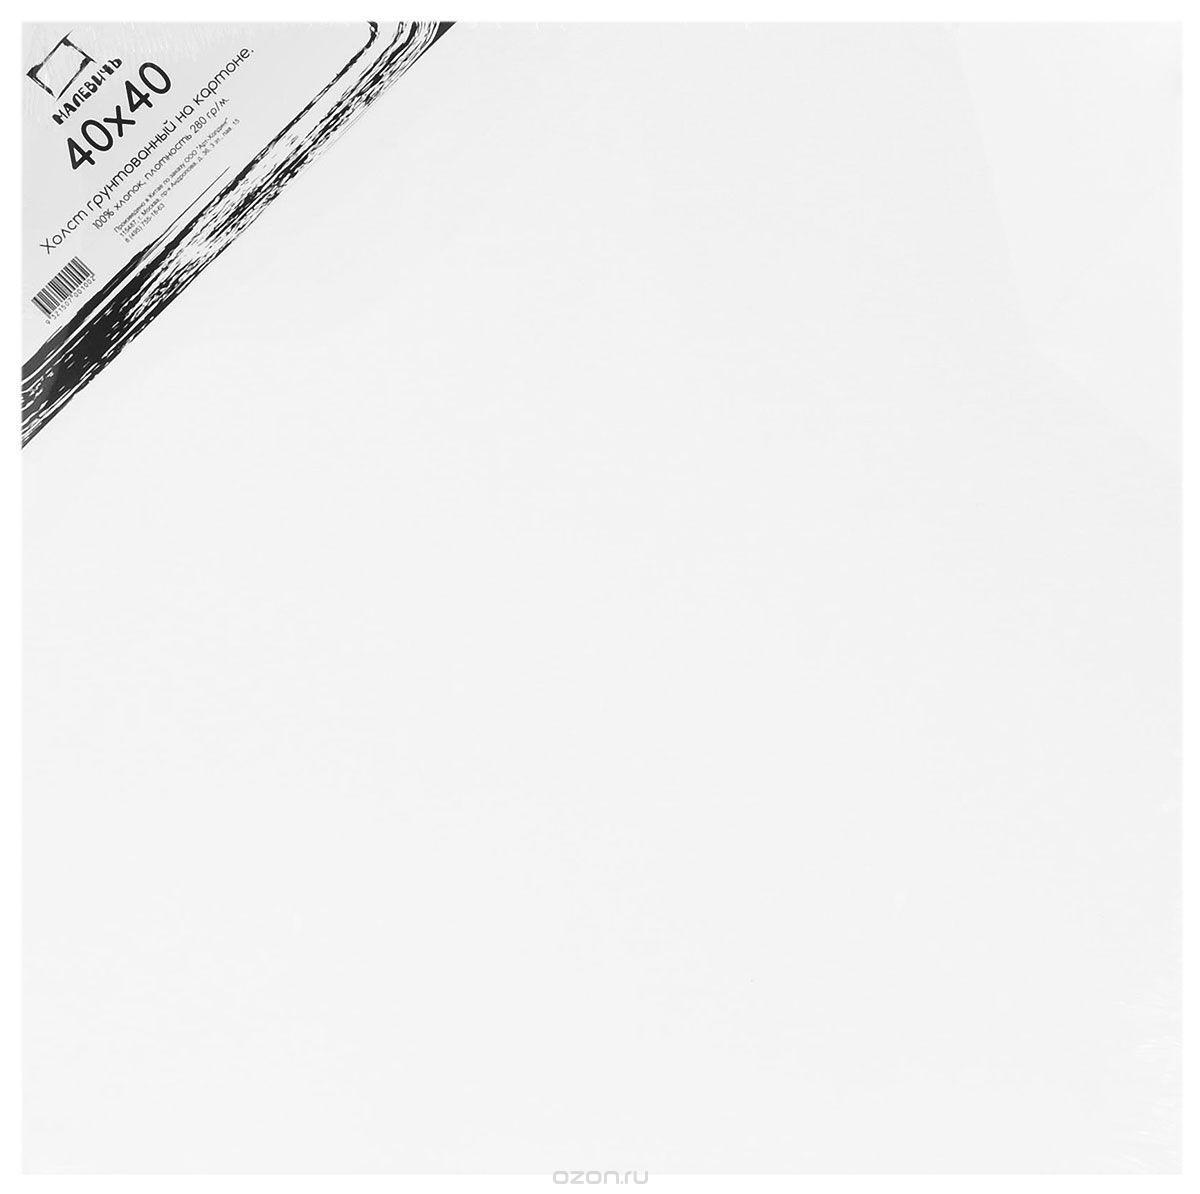 Купить Холст грунтованный на картоне Малевичъ 40x40 см, Россия